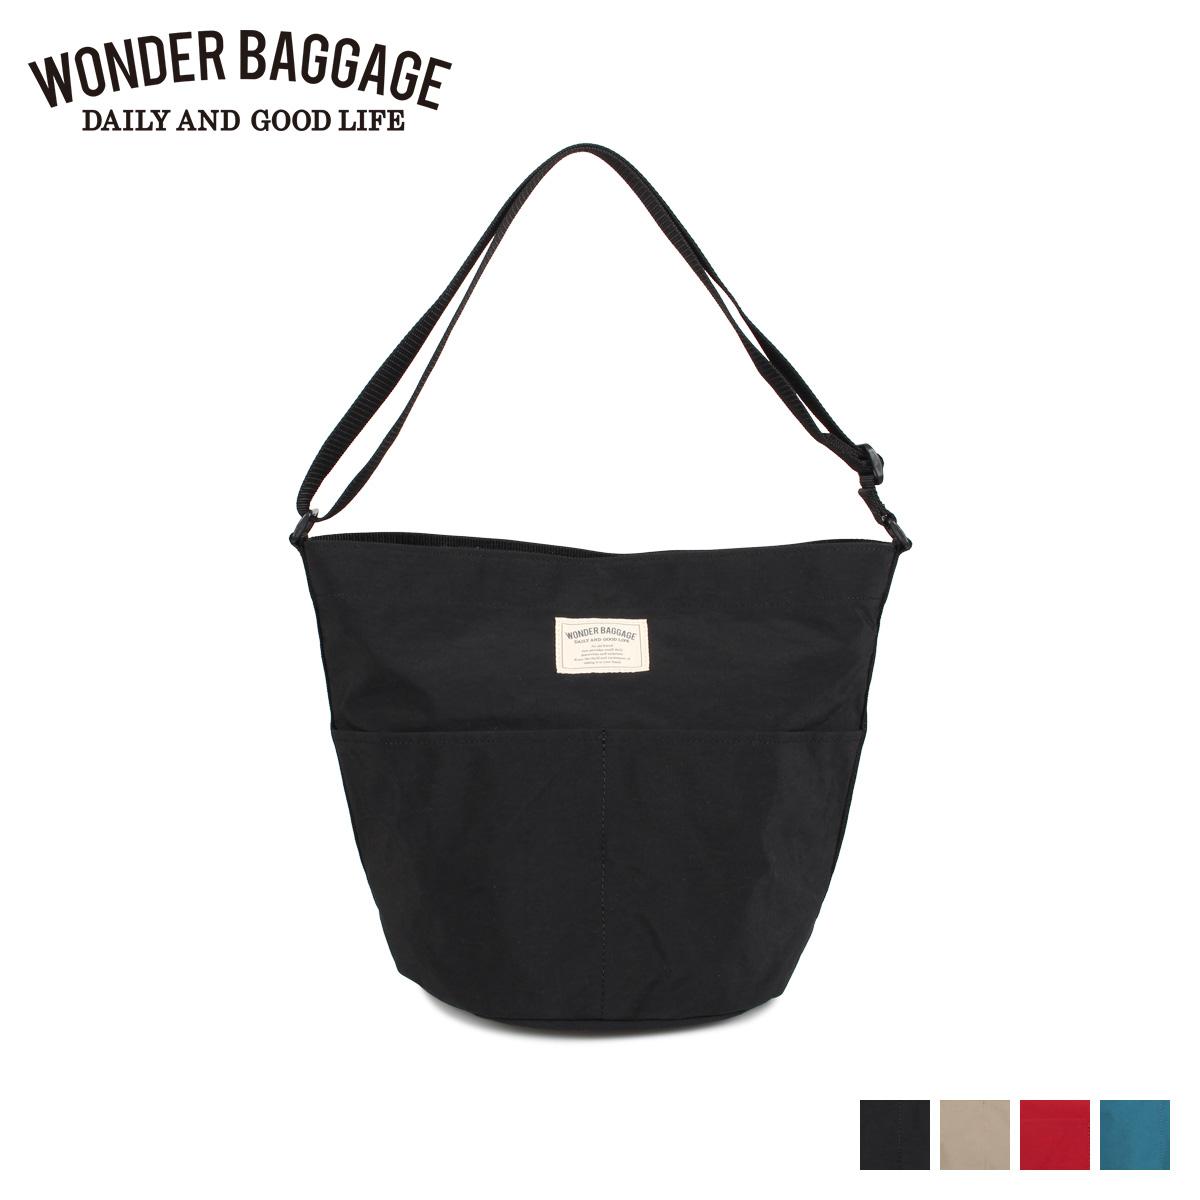 WONDER BAGGAGE ワンダーバゲージ バッグ ショルダーバッグ メンズ レディース 14.2L SUNNY FUN DAY SHOULDER ブラック ベージュ レッド ターコイズ 黒 [4/6 新入荷]